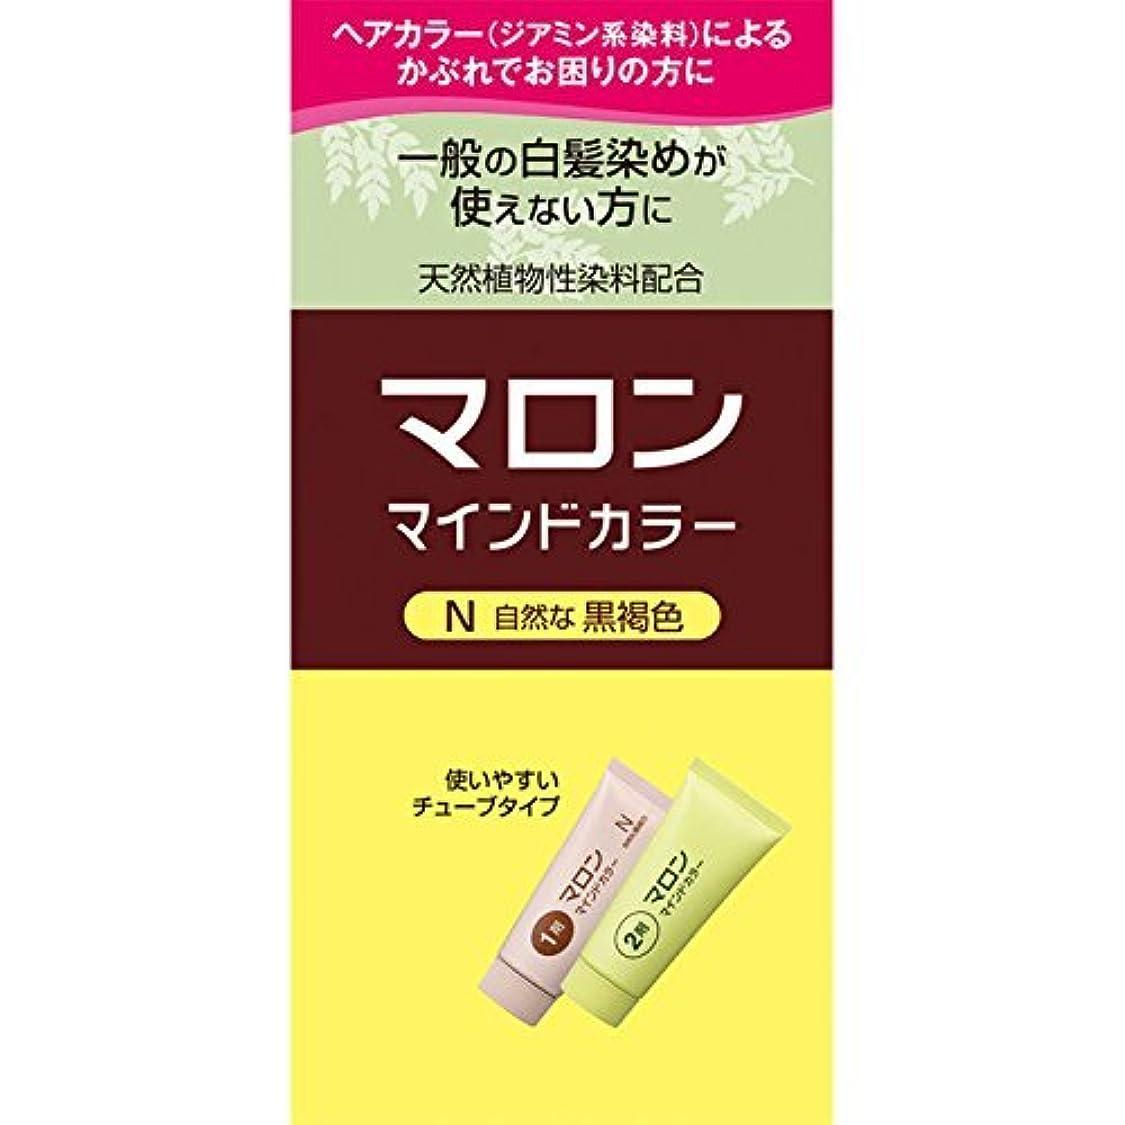 ヘンケルライオンコスメティックス マロン マインドカラー N 自然な黒褐色 70G+70G (医薬部外品)